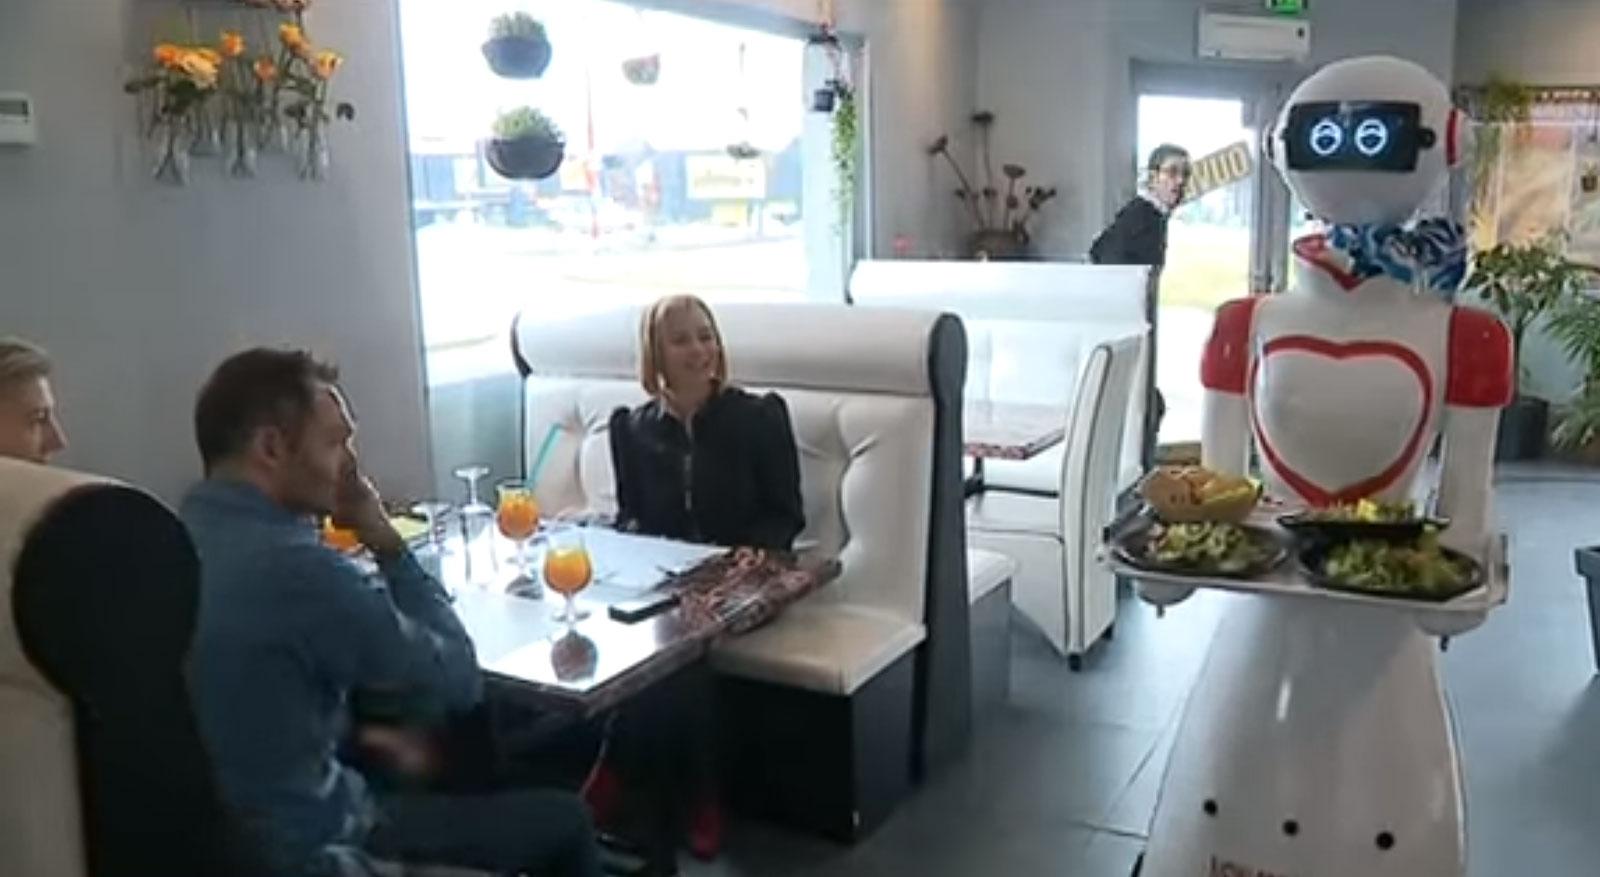 Marly : un restaurant s'est équipé d'un robot serveur (vidéos)